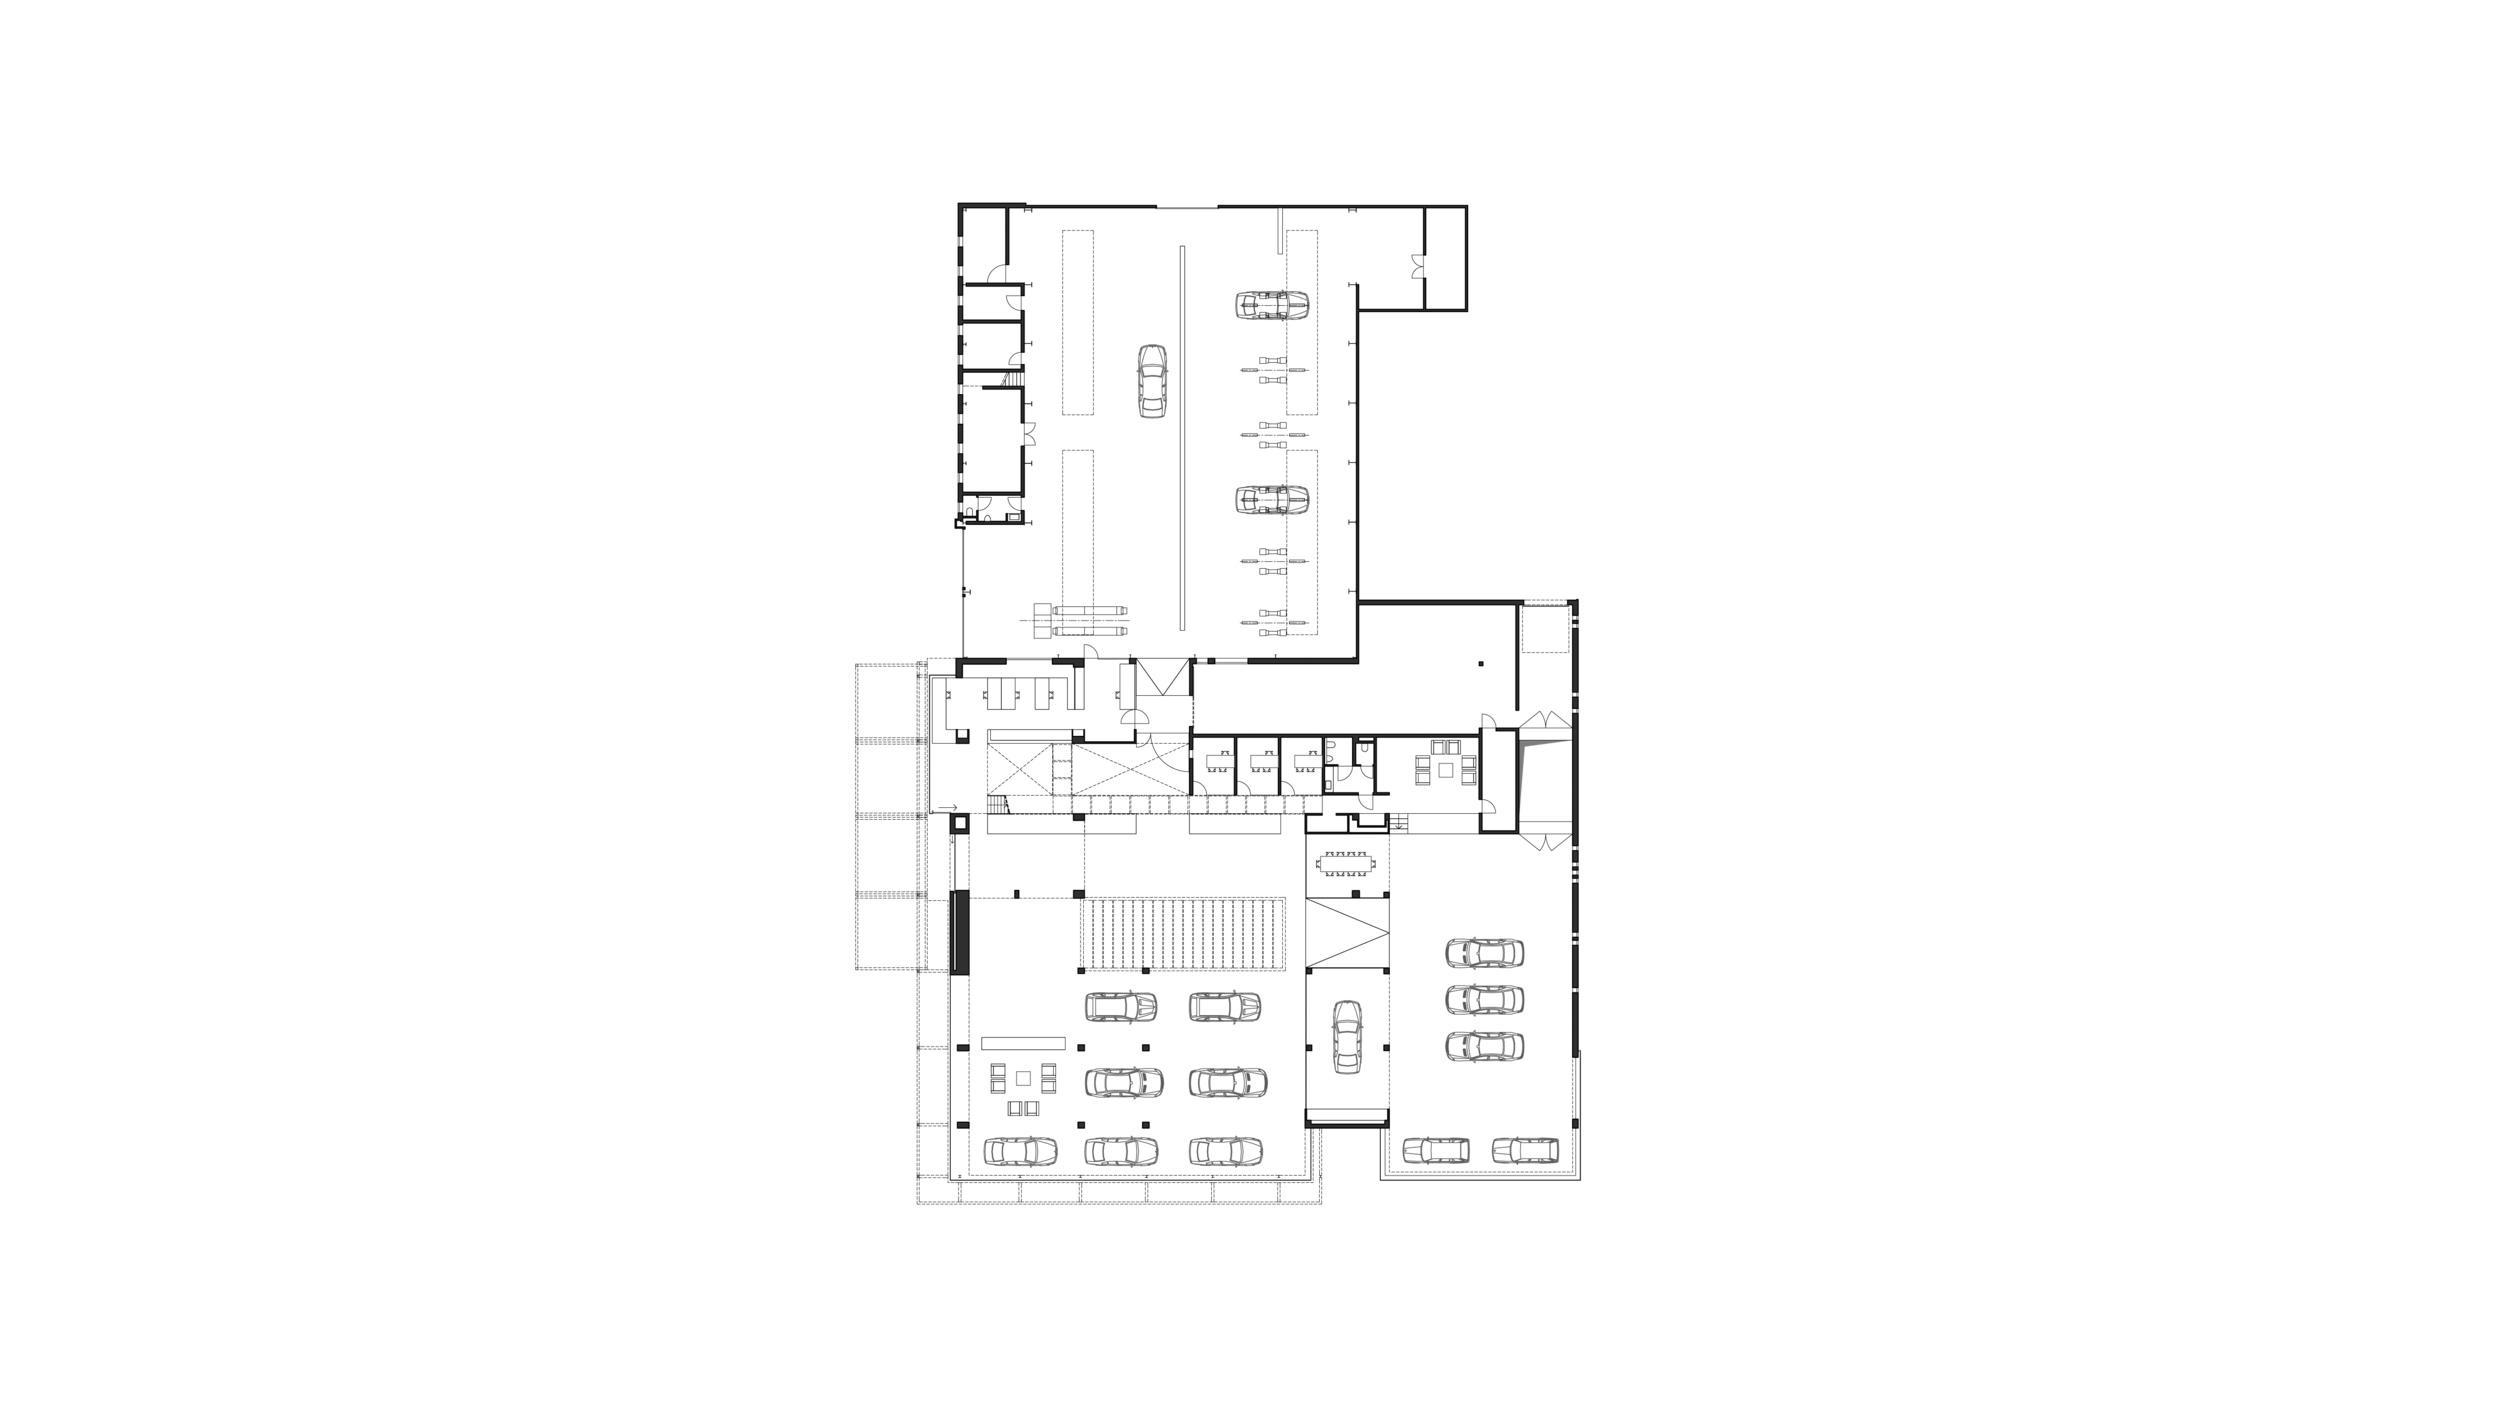 3 6 garage meeusen plan.jpg